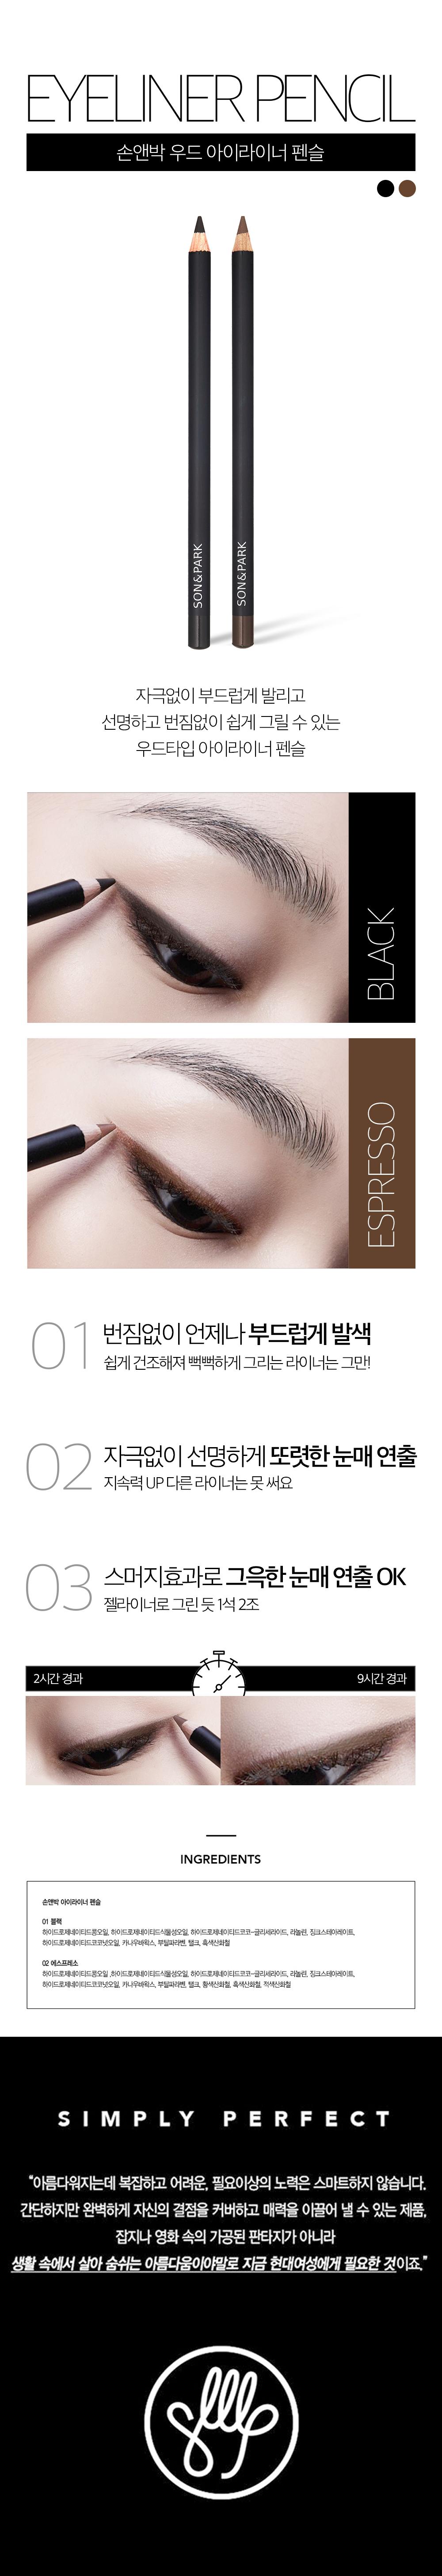 손앤박 우드아이라이너 펜슬 - 손앤박, 9,000원, 아이메이크업, 아이라이너